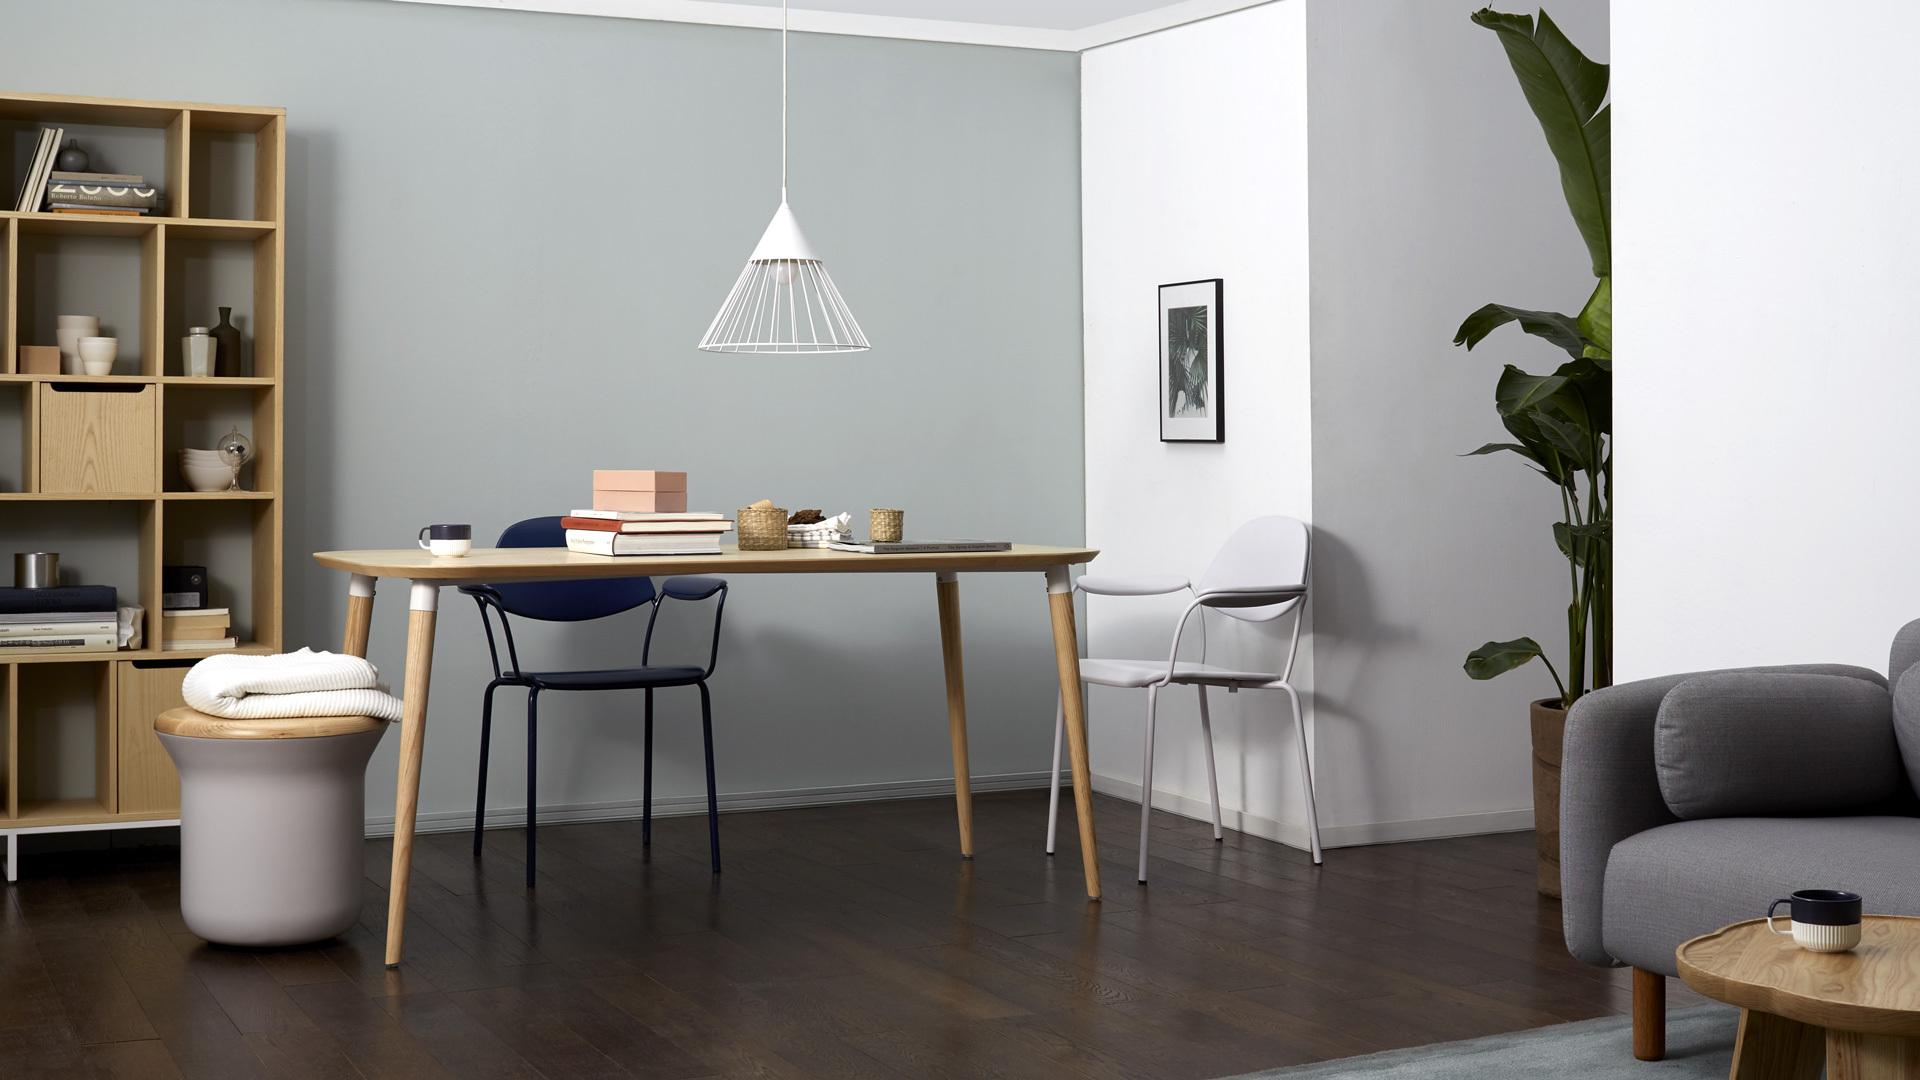 温润木色,一张桌子温馨四和